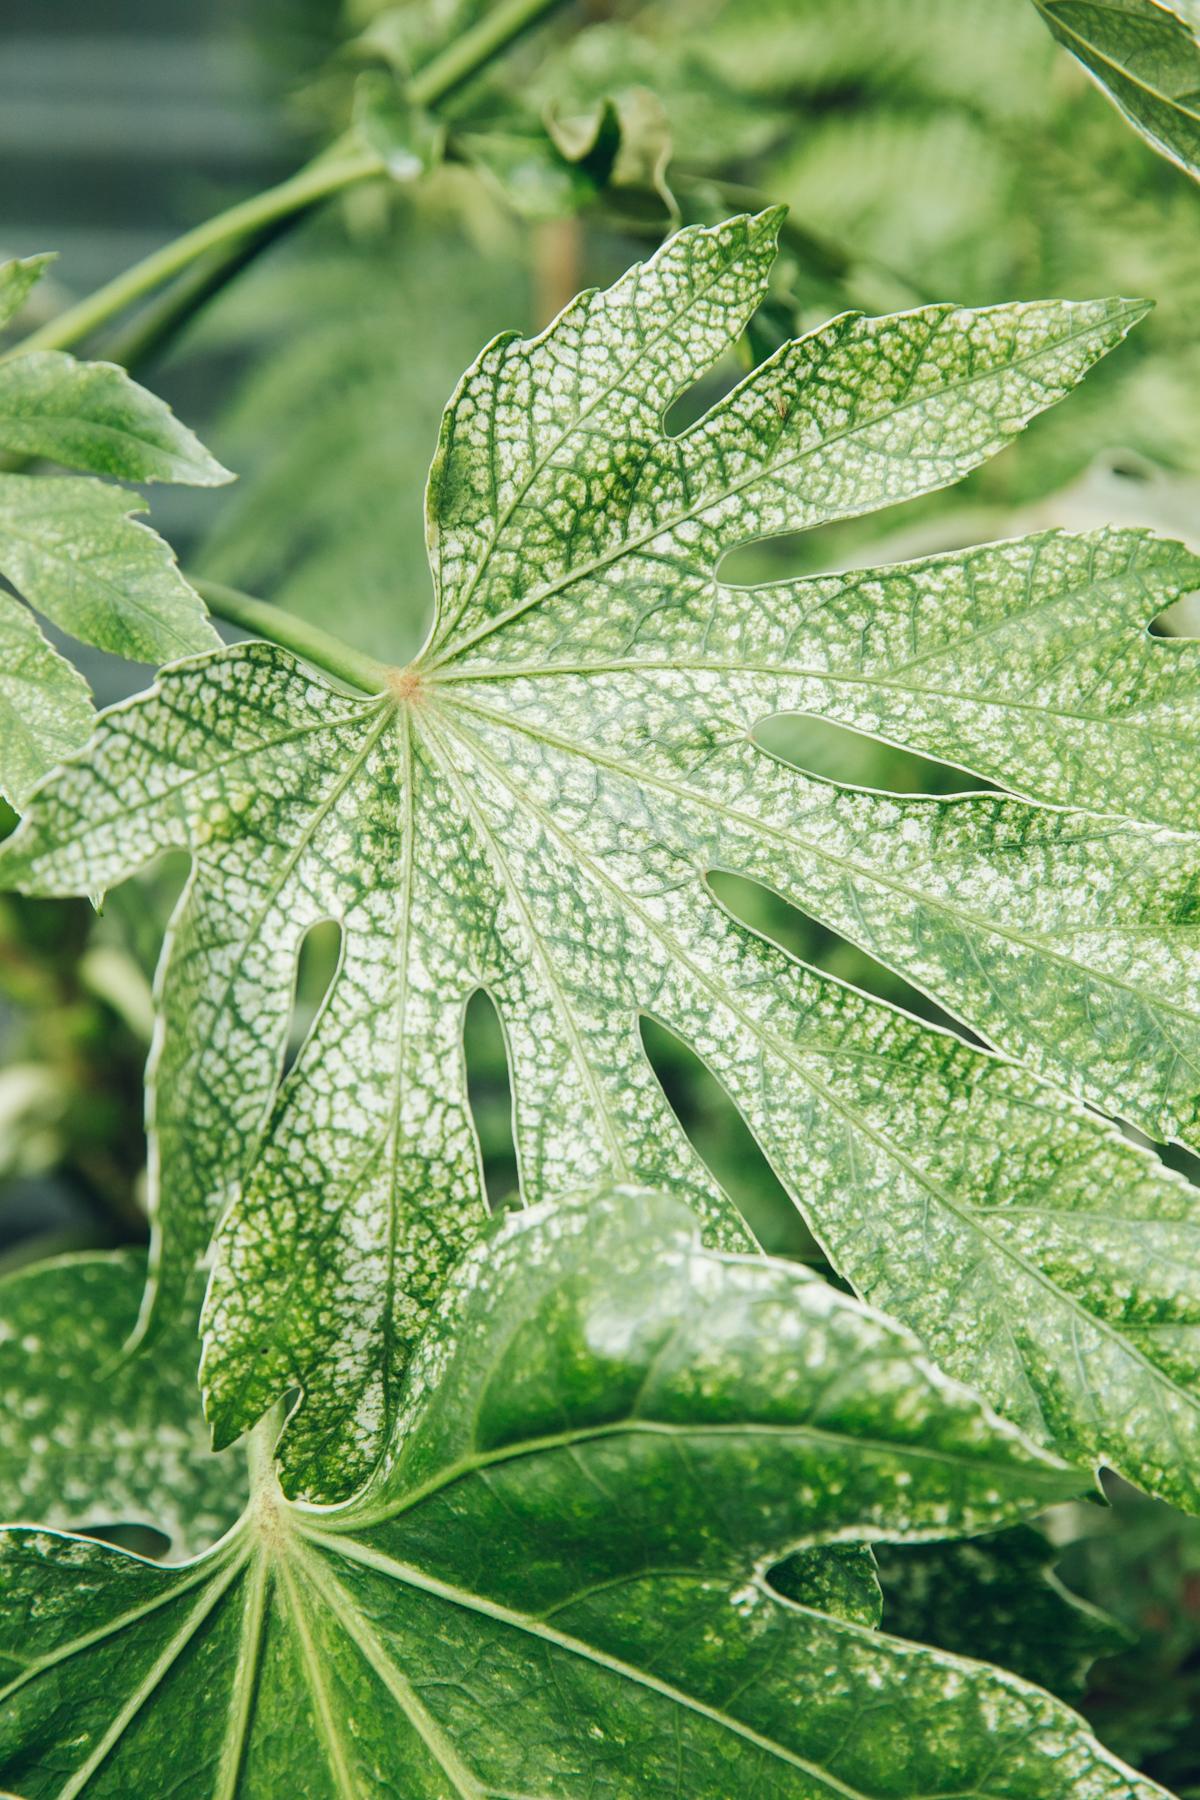 Variegated Fatsia Japonica leaves